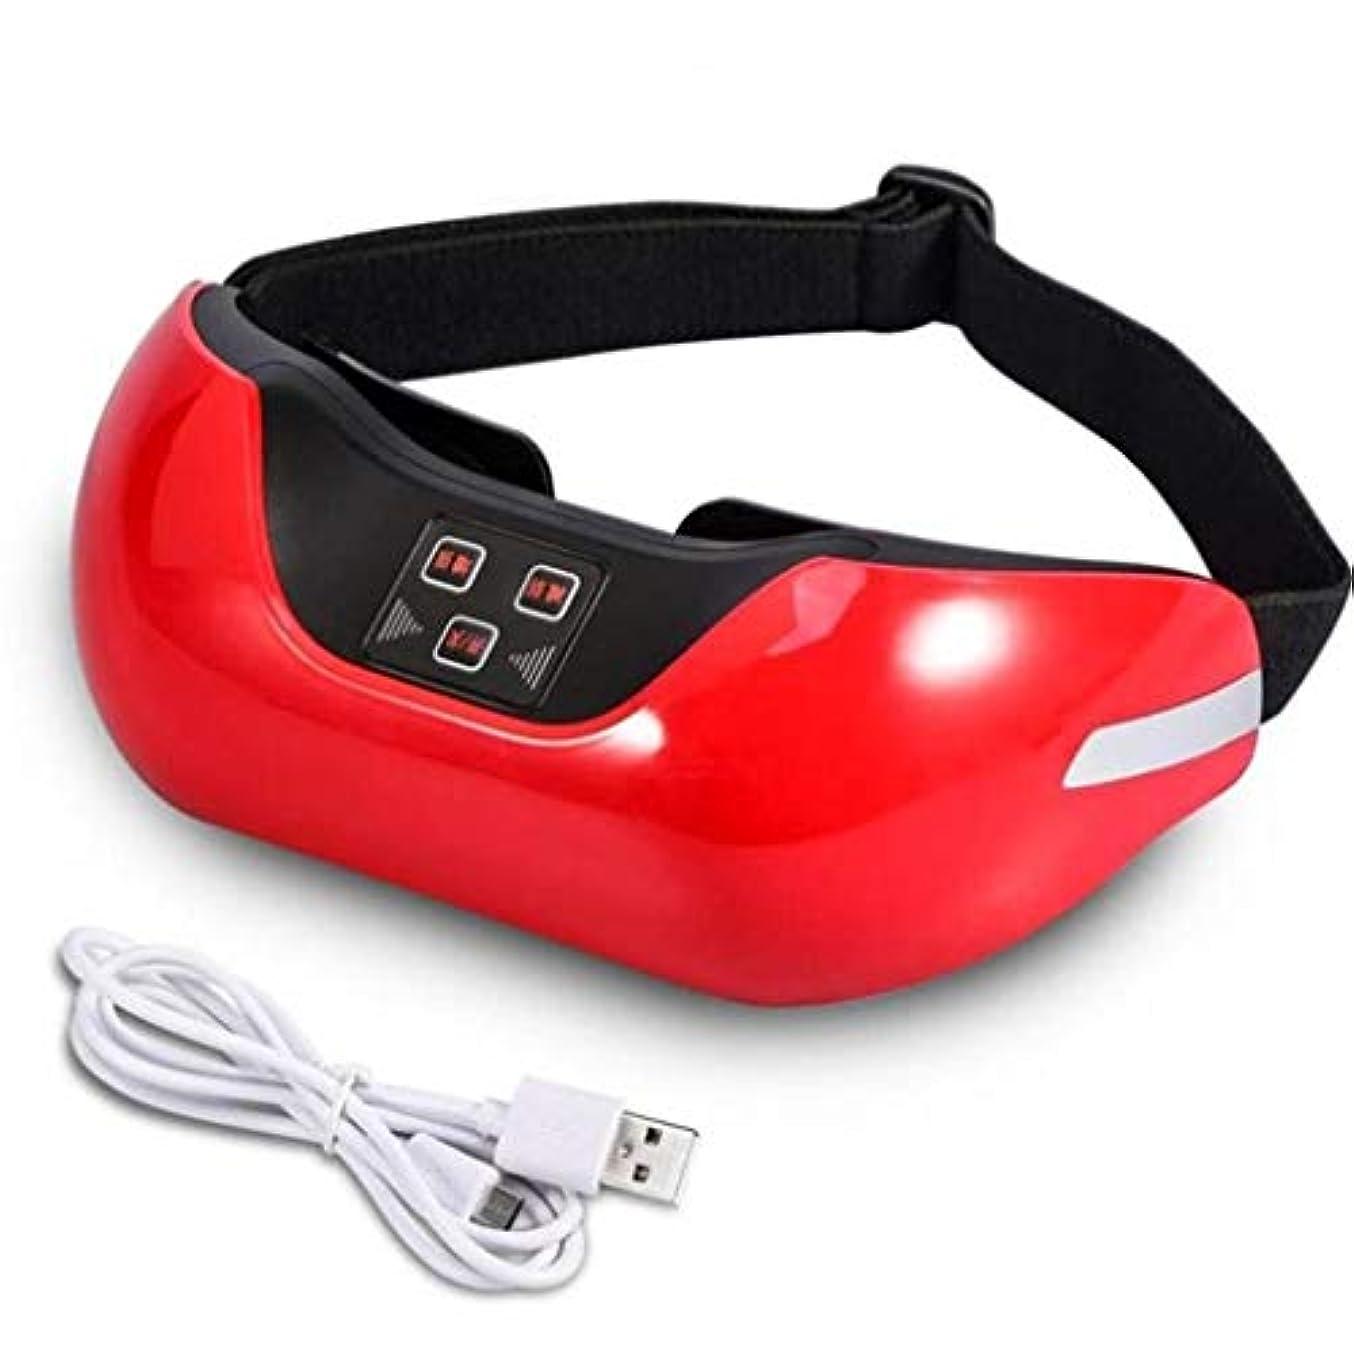 香港誰の支払いアイマッサージャー、ワイヤレス3D充電式グリーンアイリカバリービジョン電動マッサージャー、修復ビジョンマッサージャー、アイケアツールは血液循環を促進し、疲労を和らげます (Color : Red)